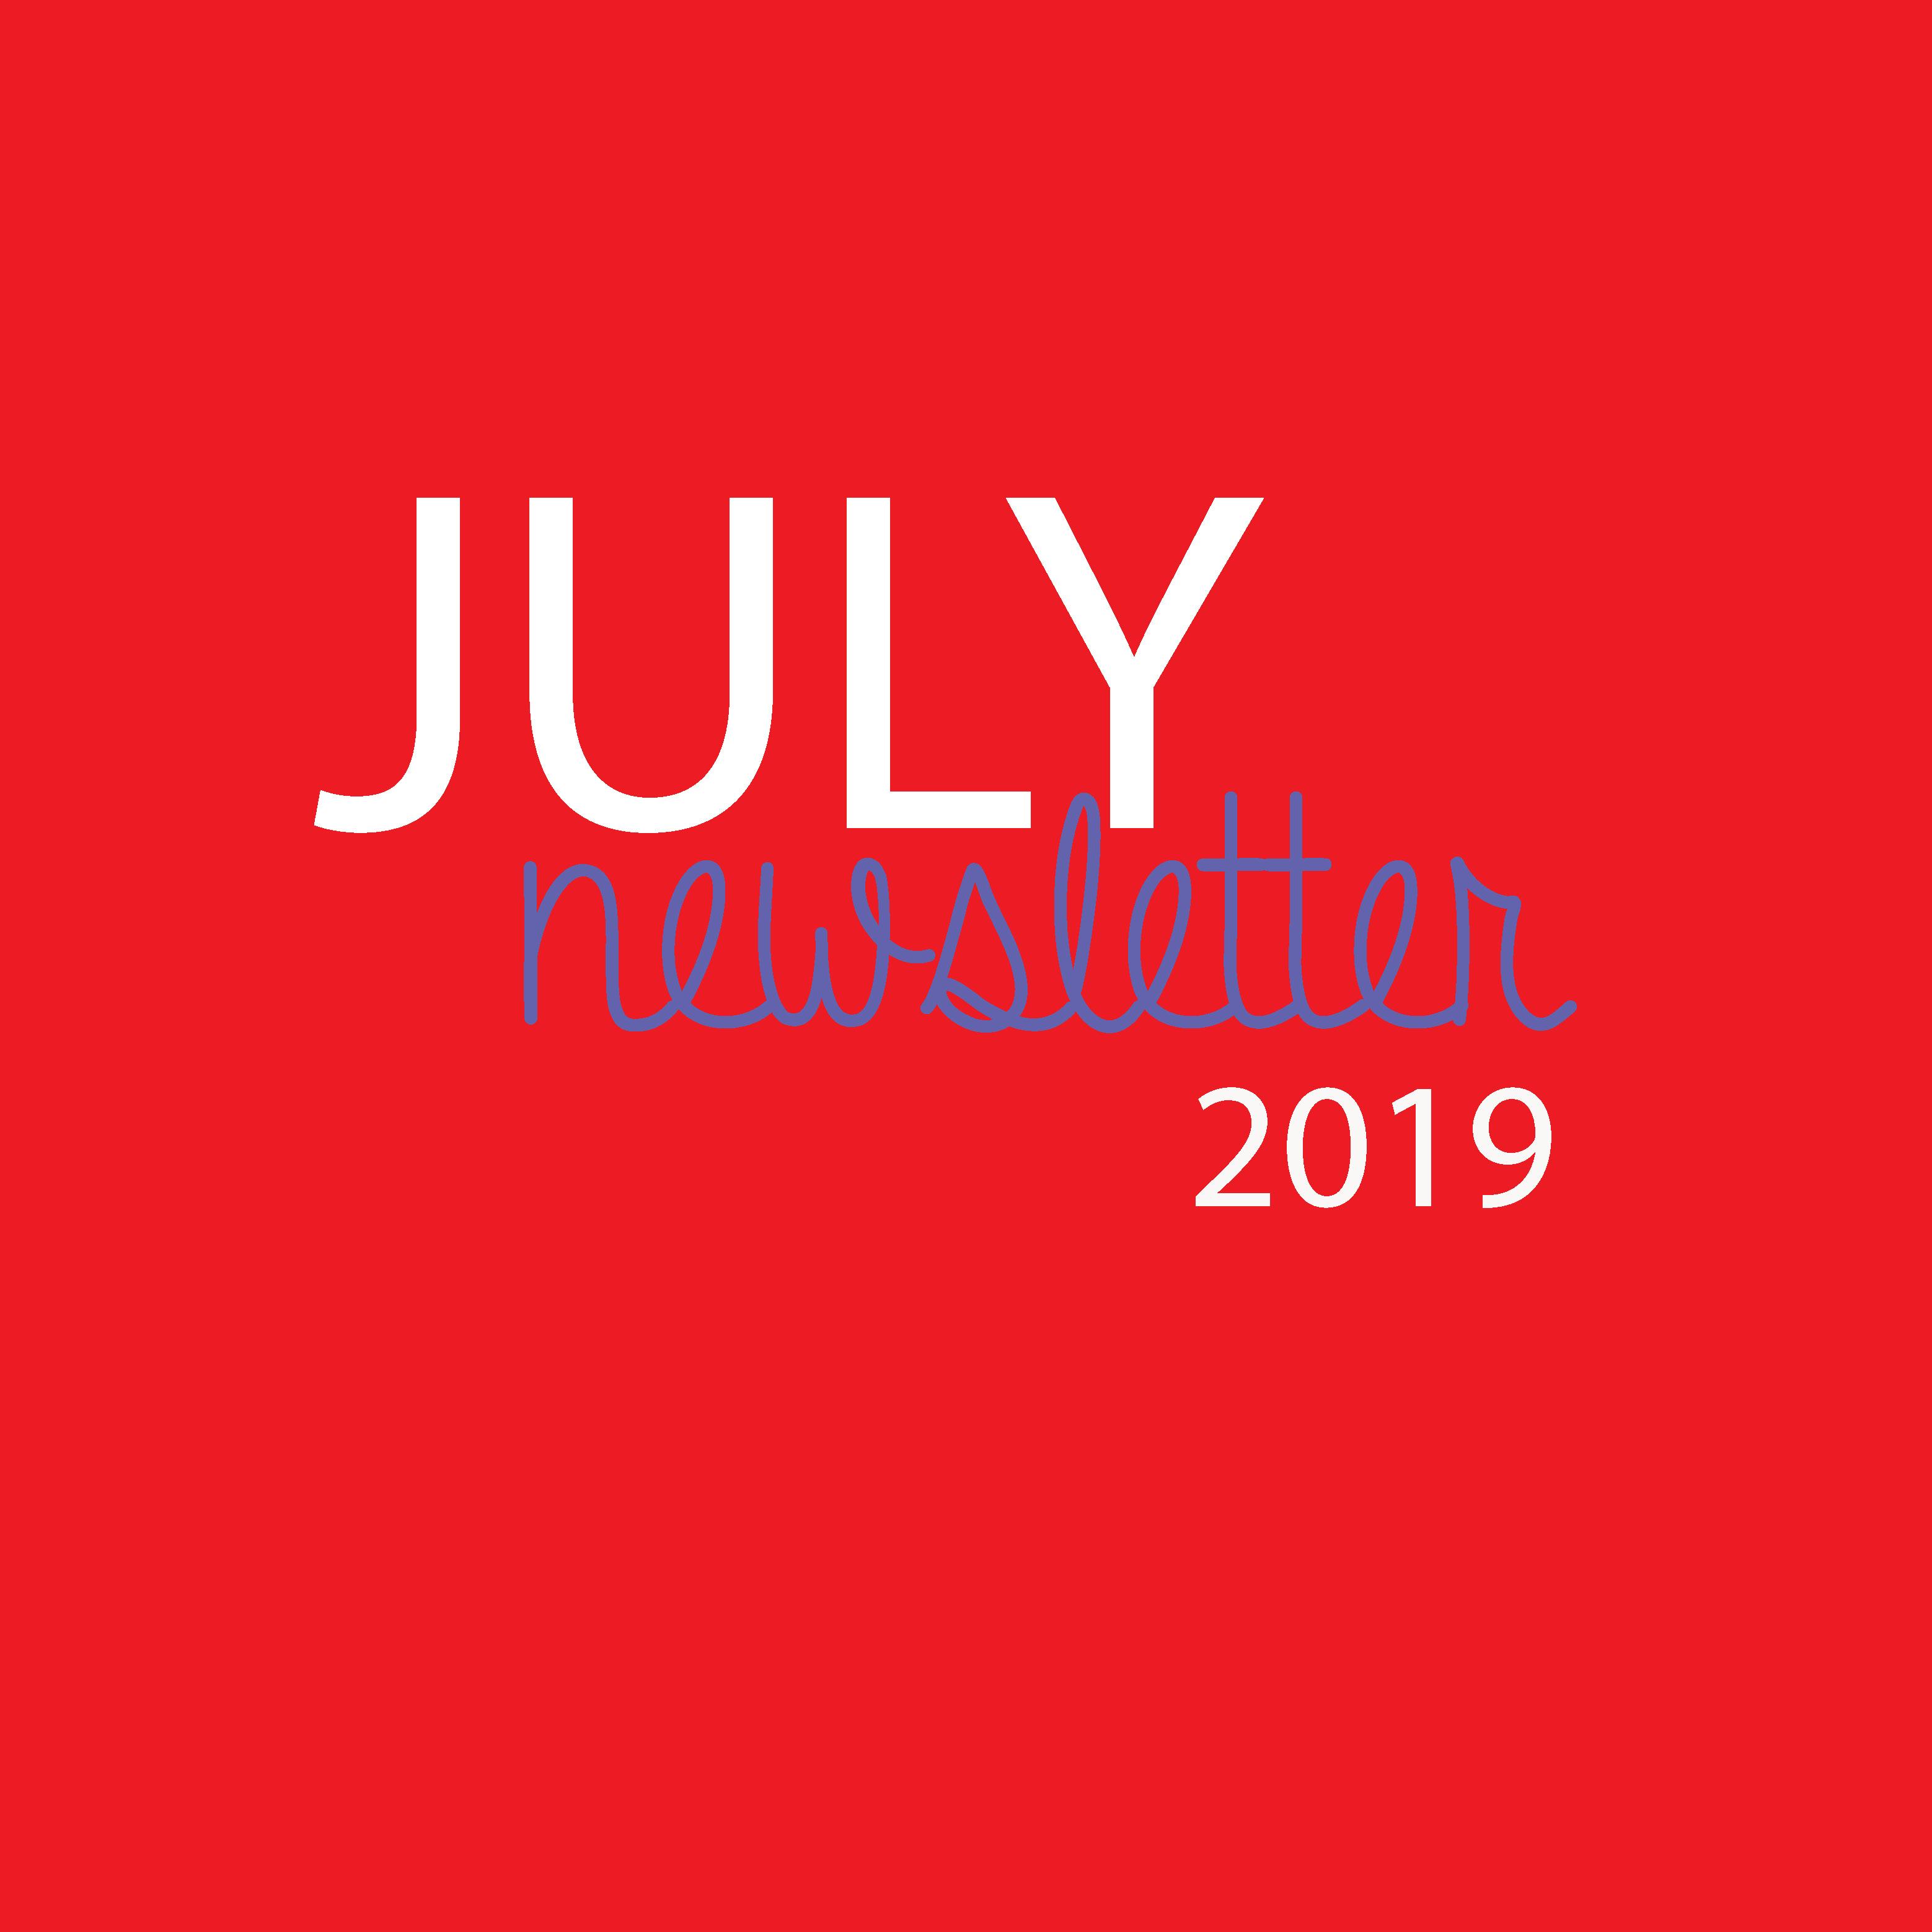 July_2019